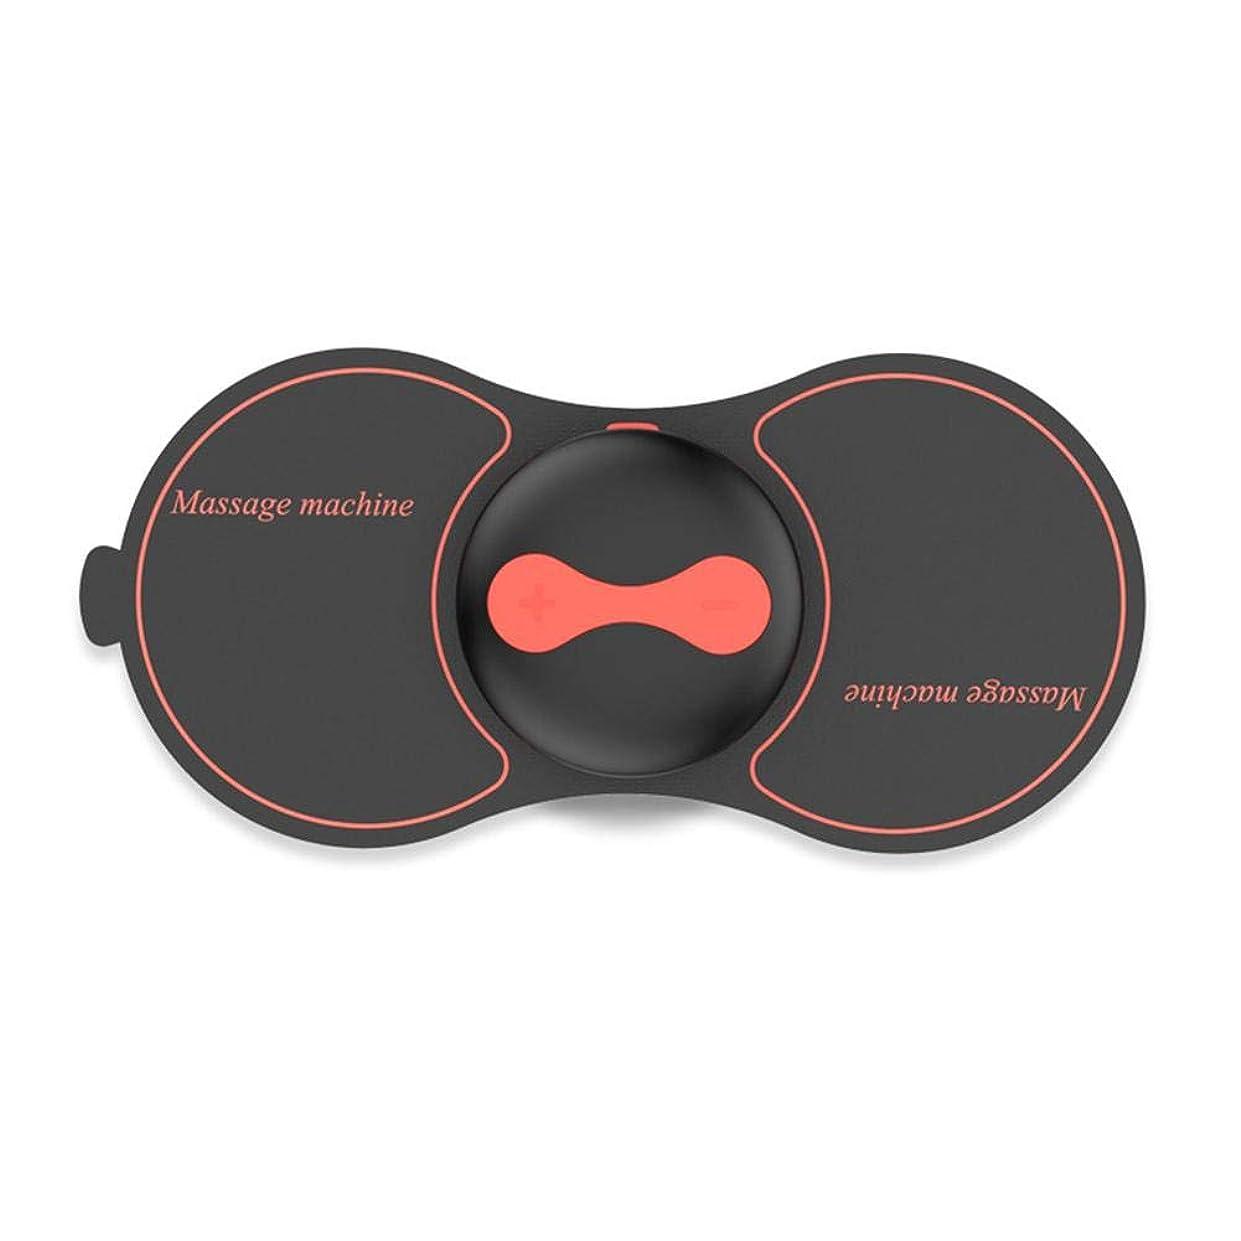 トムオードリース小間ダーツ頚椎マッサージャー ダイエット USB充電式 フィットネスマシン マッサージ器 電動マッサージャー 5種モード 10段階強度調整可能